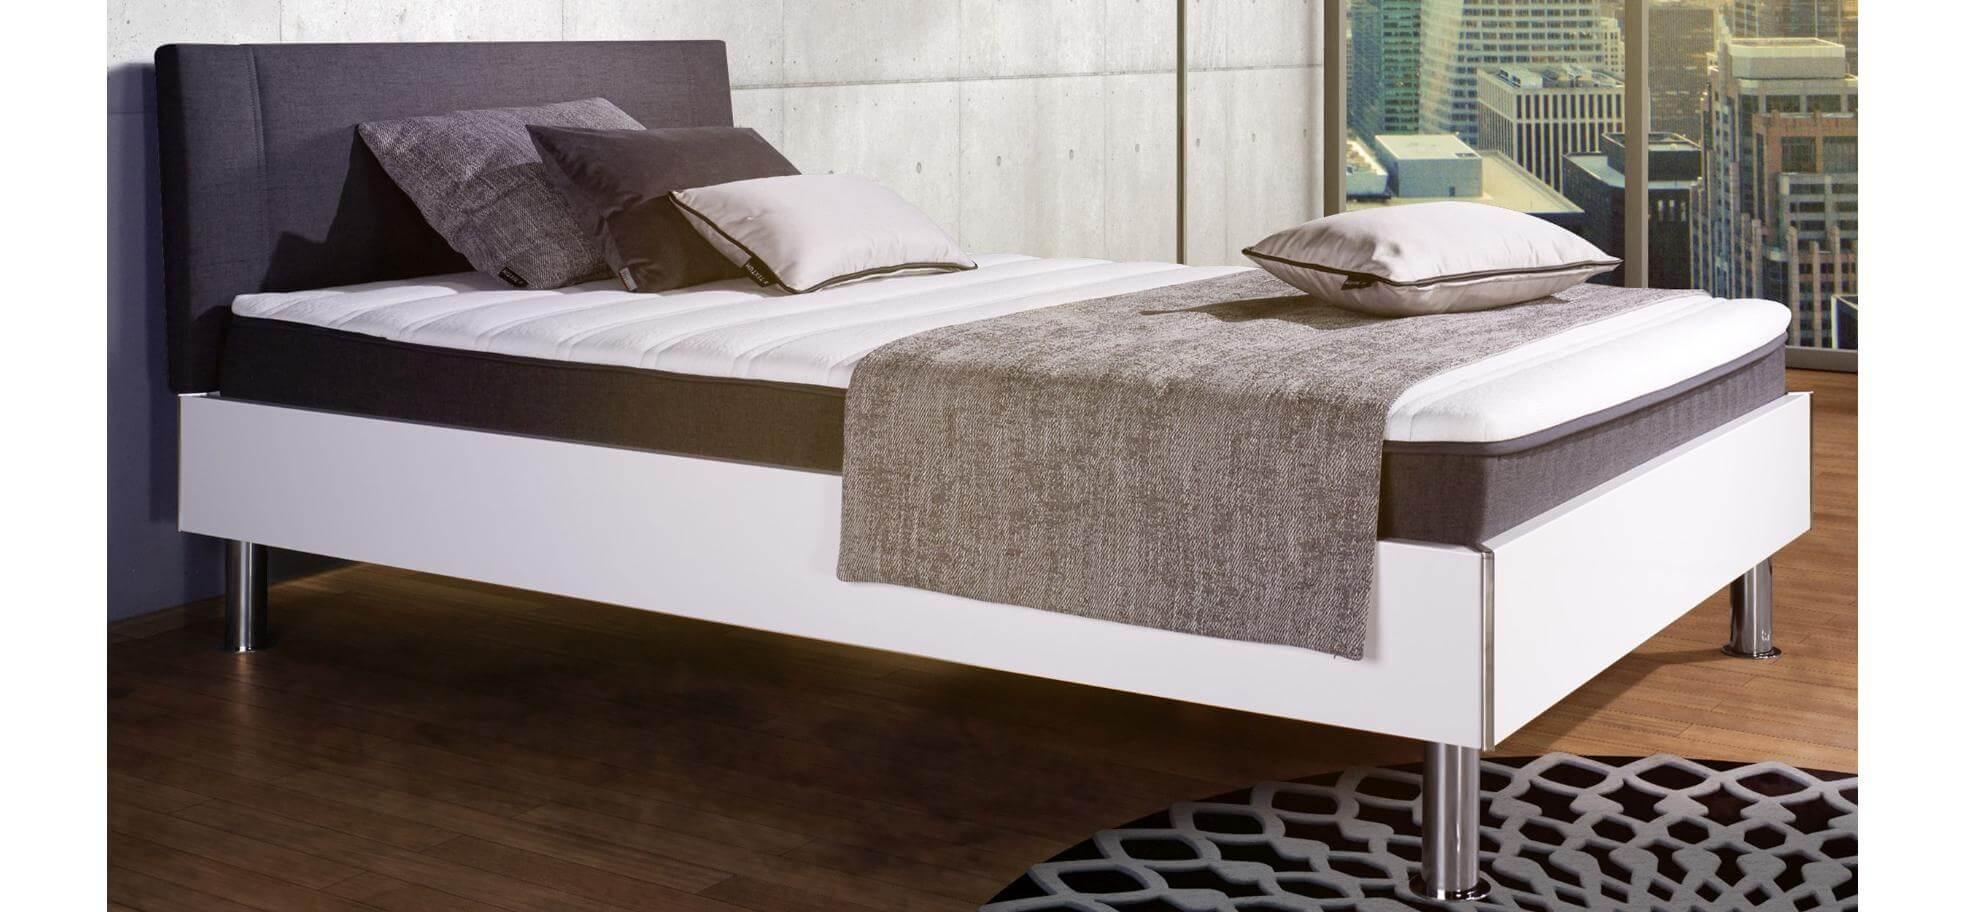 bonell federkern oder latest minette kunstleder x cm h ab kg with bonell federkern oder latest. Black Bedroom Furniture Sets. Home Design Ideas